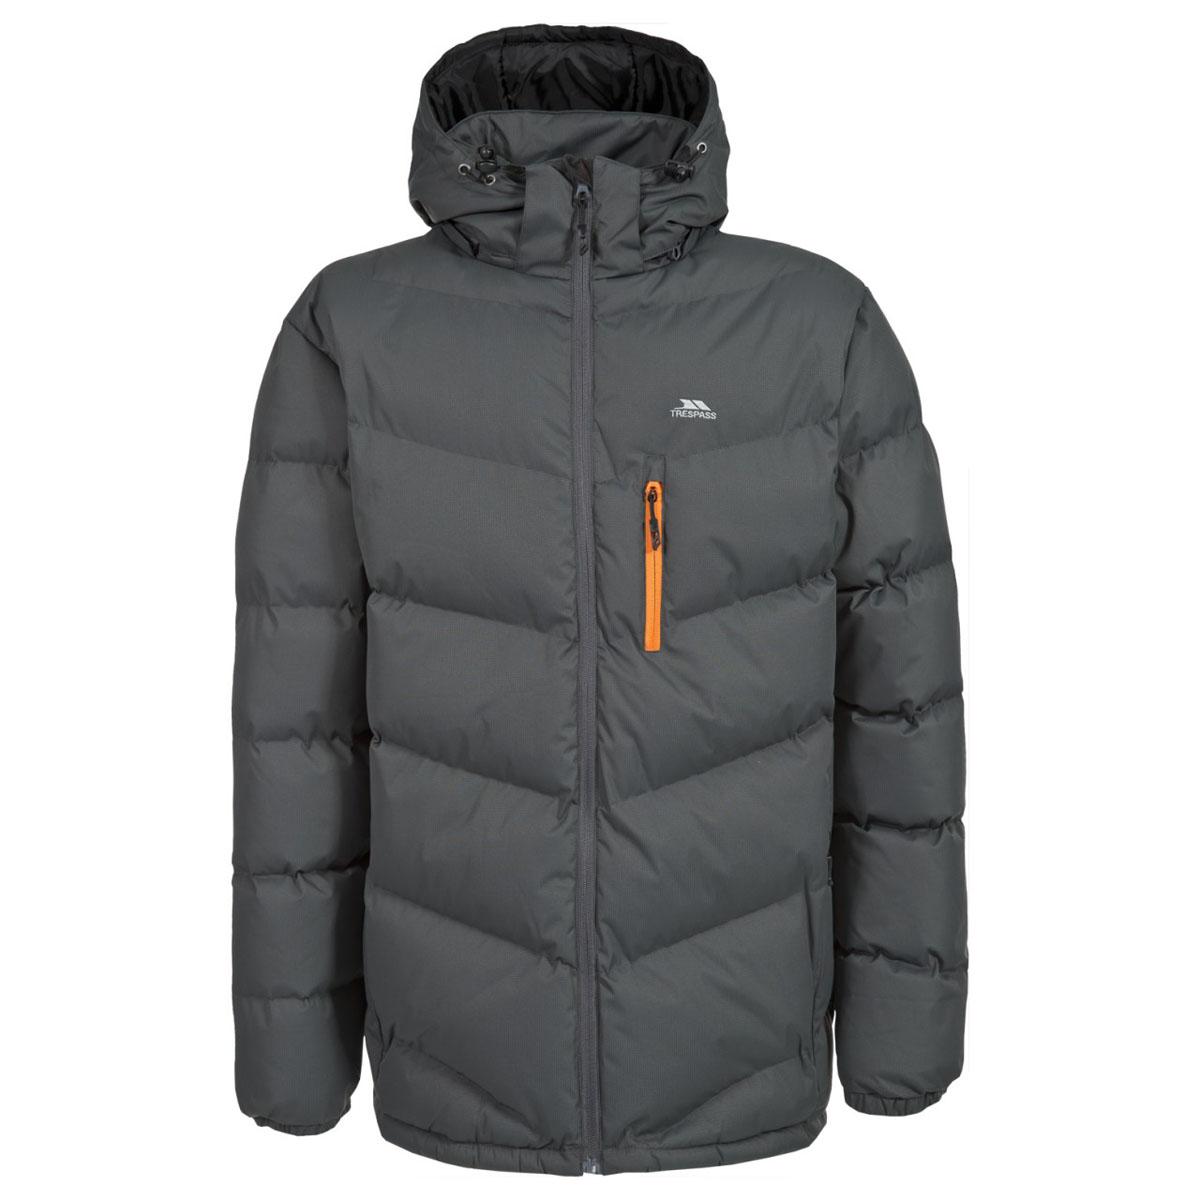 MAJKCAK20004Великолепная теплая куртка для русской зимы в спортивном стиле. Утеплитель ColdHeat 360 г/м2 (синтетический, микроволоконный с функцией быстрого отвода влаги и высоким уровнем теплозащиты и износостойкости). Каждый простроченный шов от иглы оставляет сотни отверстий, через которые влага может проникать внутрь куртки. Применение технологии Taped Seams - обработка швов термо-пластичесткой лентой под высоким давлением - запечатывает швы, тем самым препятствуя проникновению влаги внутрь куртки, дополнительно обеспечивая Вашему телу сухость и комфорт. Материал верха защищает от влаги (влагозащита - 5 000мм) и имеет дополнительное усиление от разрыва. Утепленный регулируемый капюшон. Прекрасно подойдет как для города, так и для отдыха на природе.